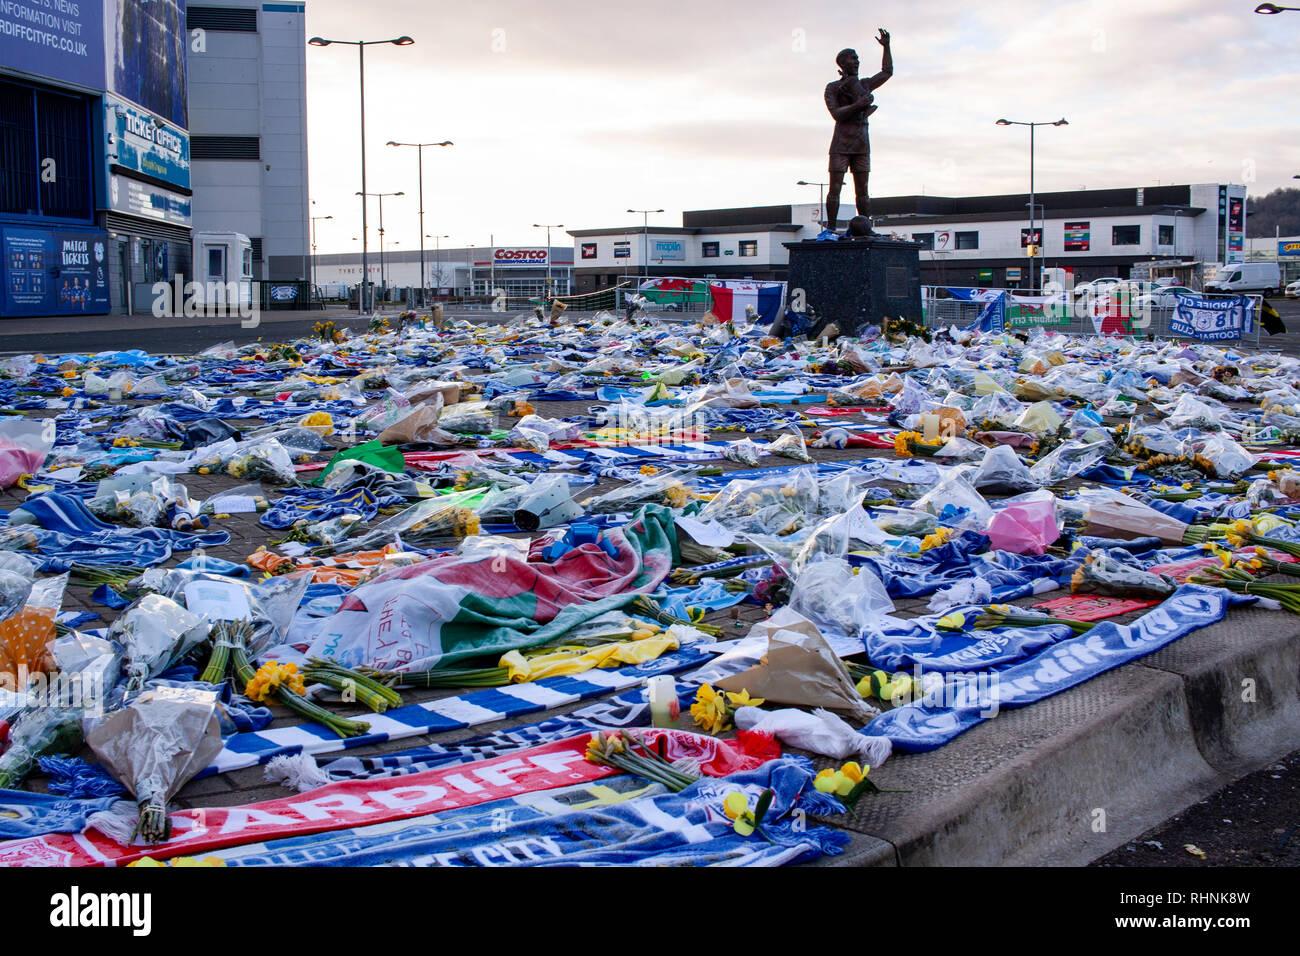 Cardiff, Royaume-Uni. 06Th Feb 2019. Les partisans de la ville de Cardiff laisser hommages récents pour signature Janvier Emiliano Sala autour de la statue, Fred Keenor sur le matin, un deuxième secteur rechercher des traces de l'avion disparu a été lancé. Credit: Lewis Mitchell/Alamy Live News Photo Stock